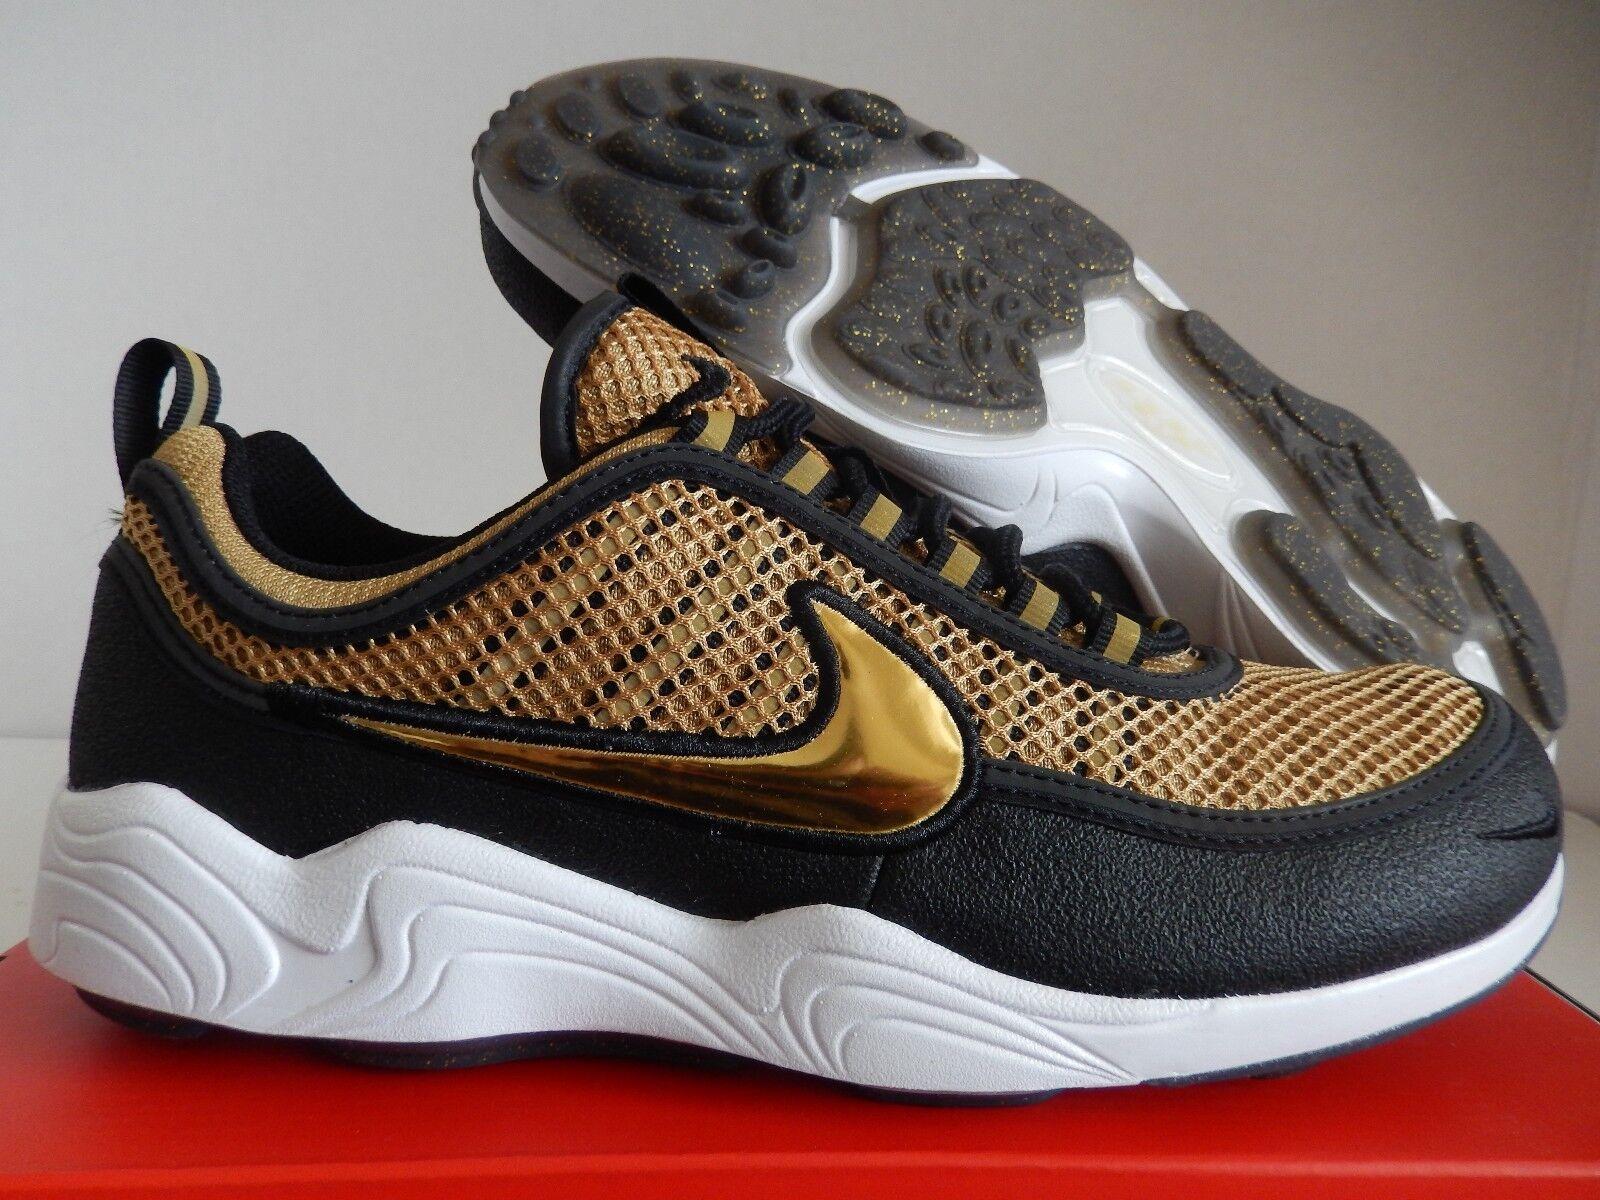 Nike Zoom Oro-metallic Spiridon metalico oro reducción de precios precios precios baratos y de moda hermosa 763a53